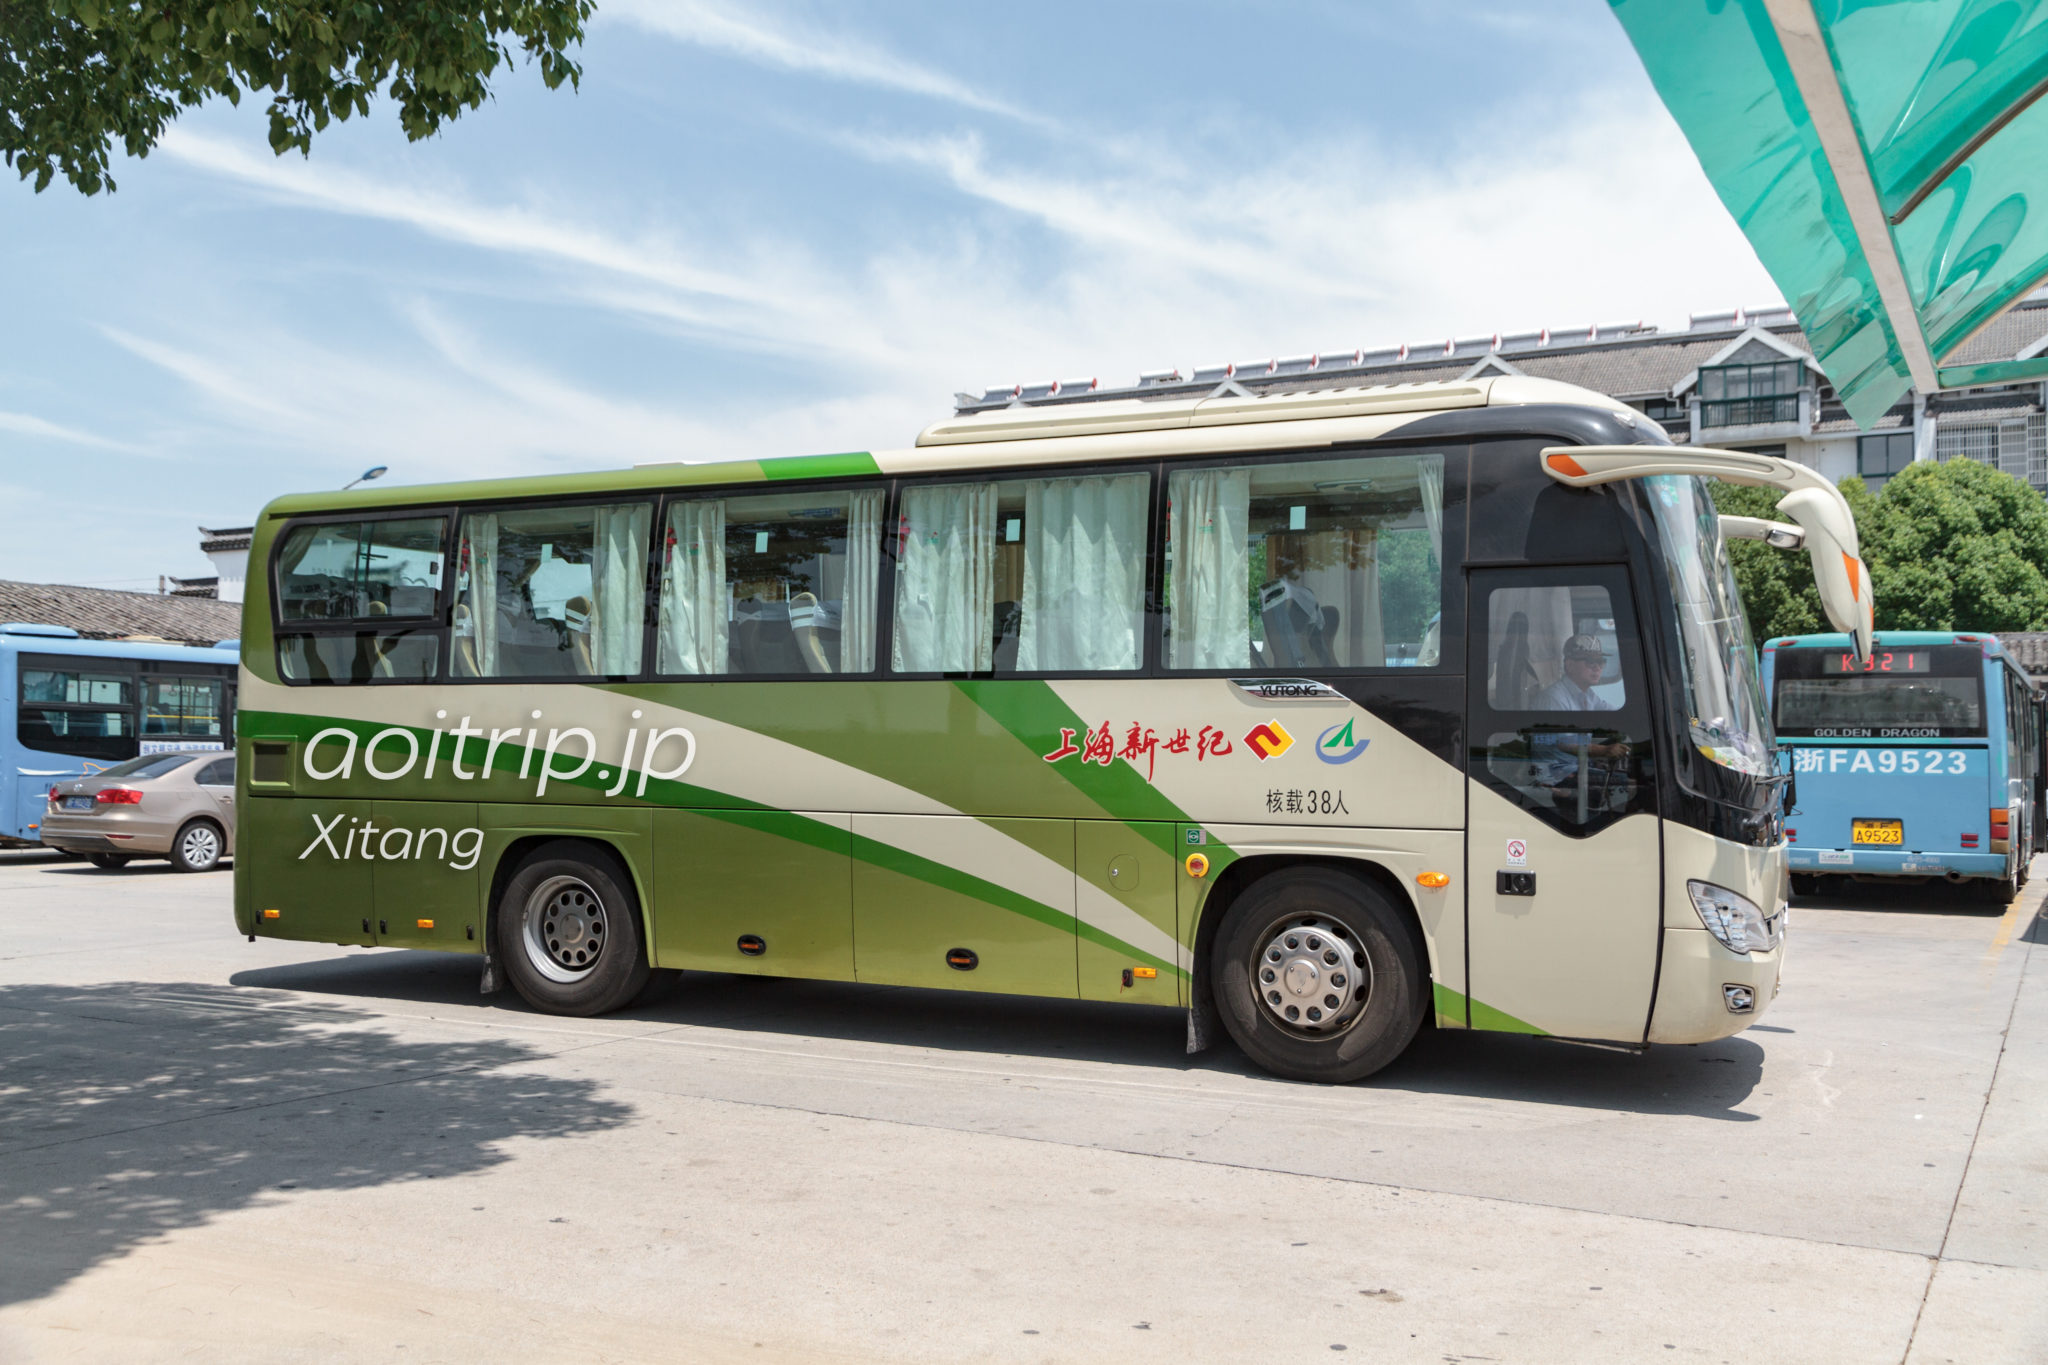 西塘行きの長距離バス